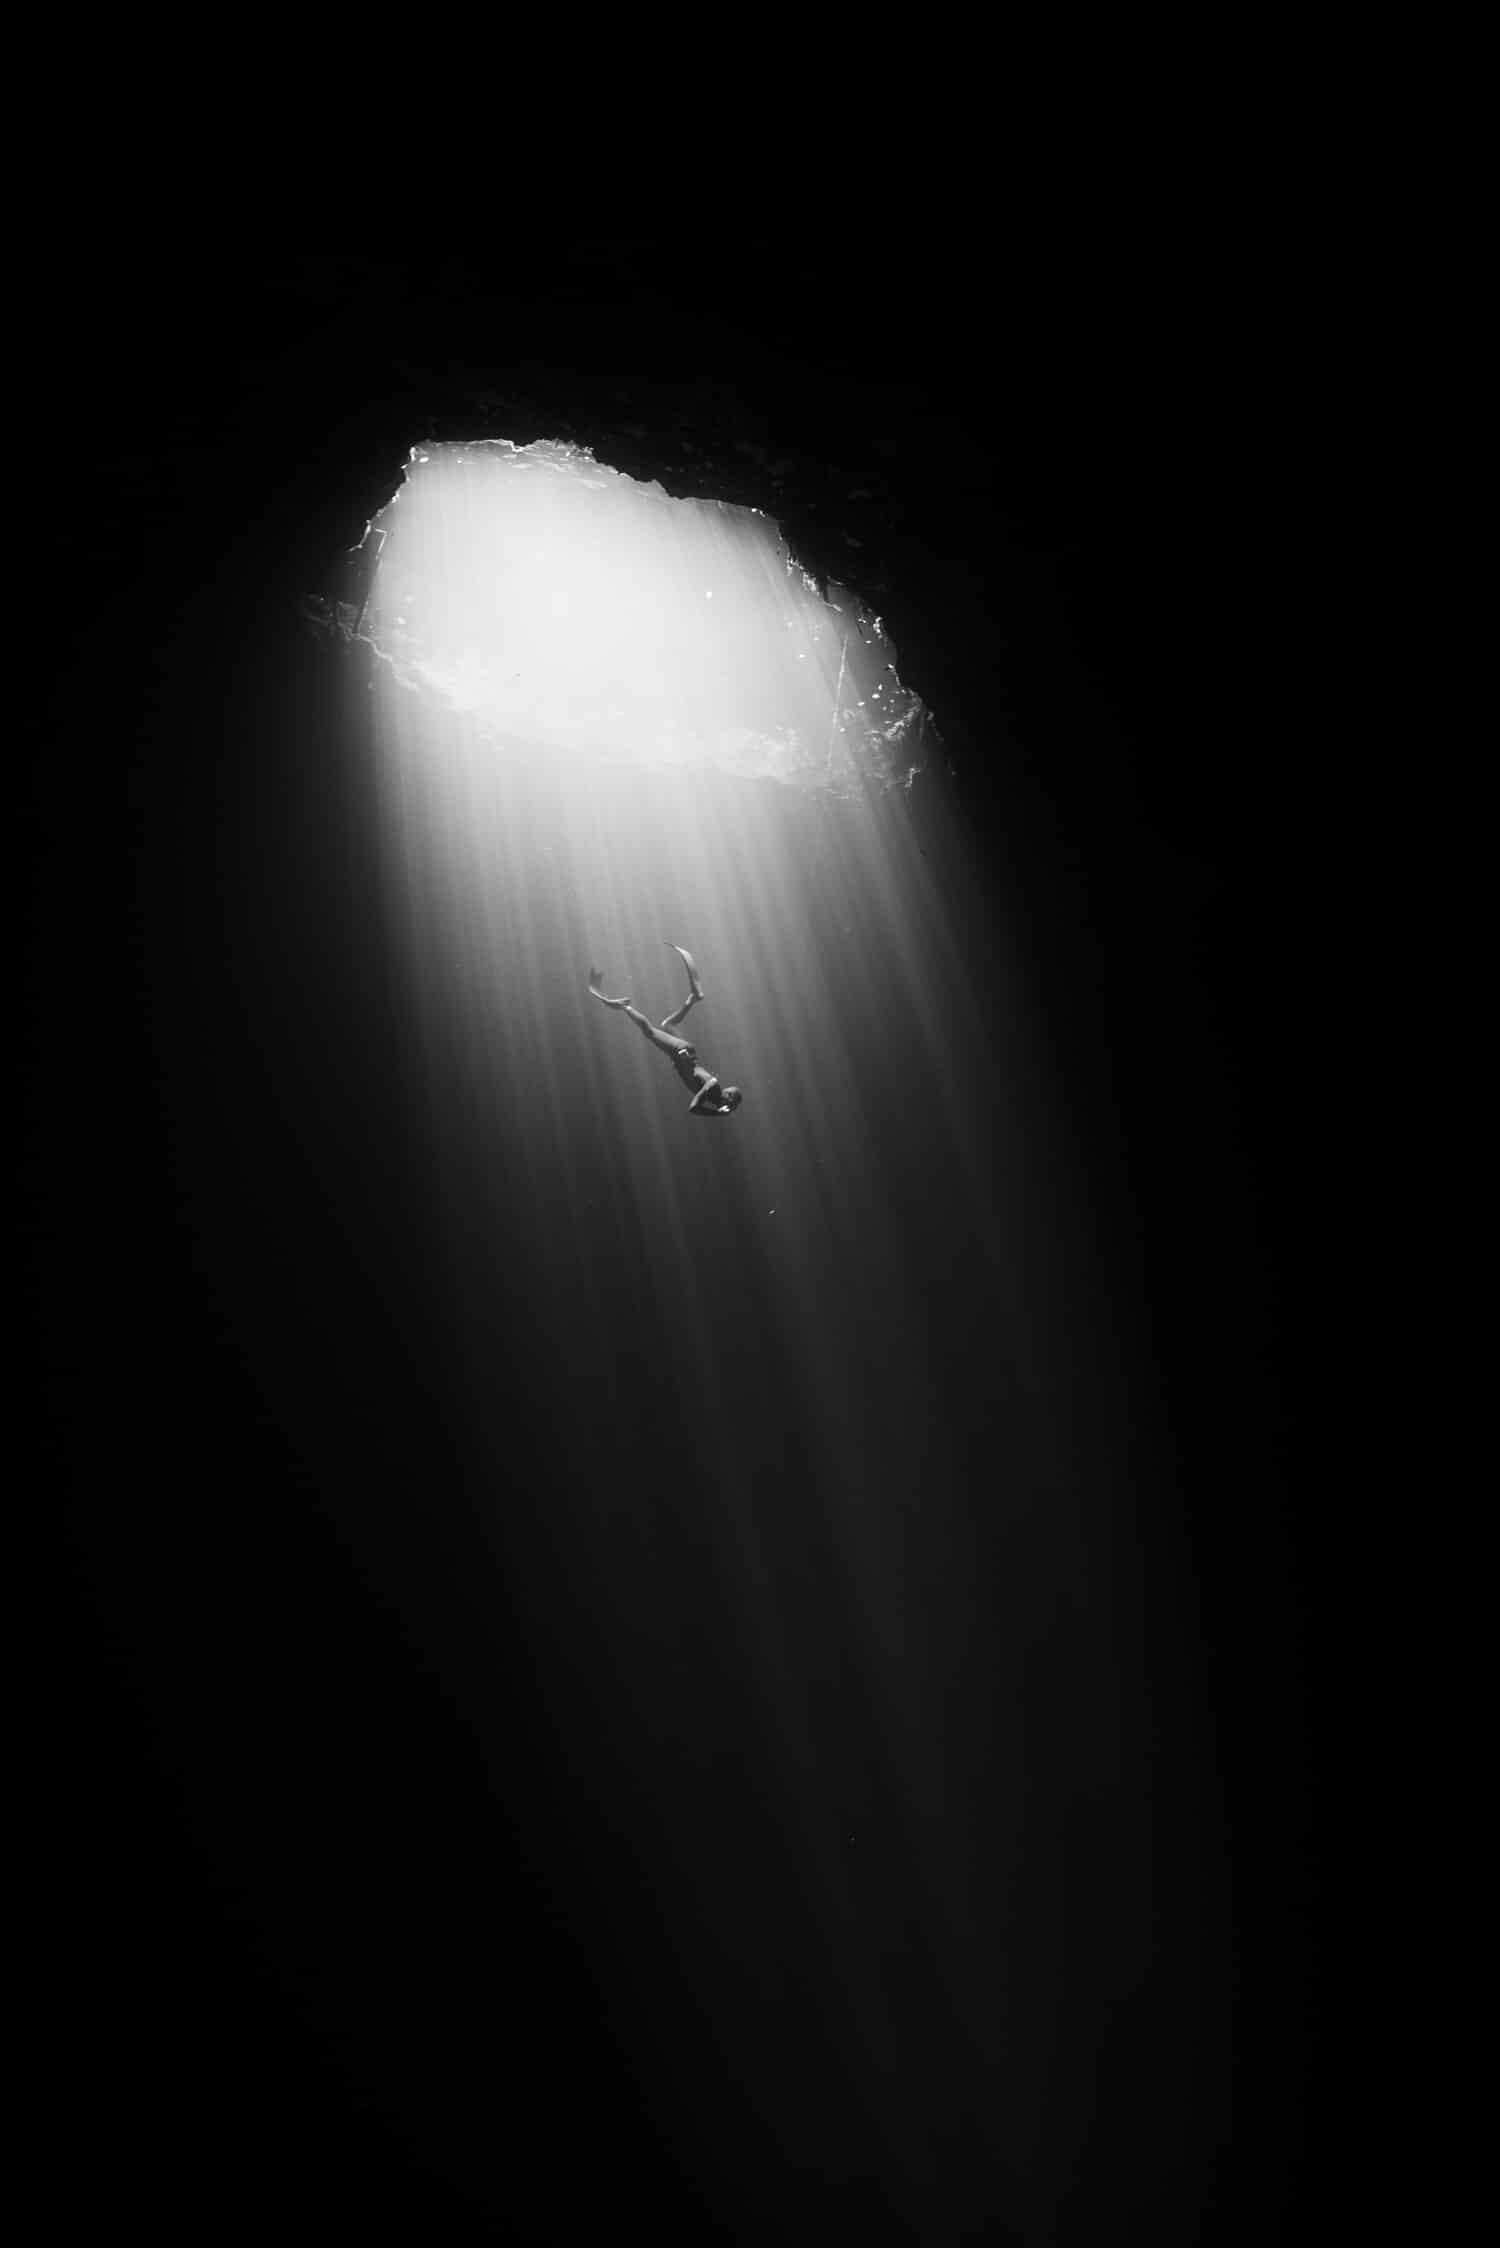 Sony World Photography Awards 2018 - Лучшие фотографии, фото 10 Подземное озеро